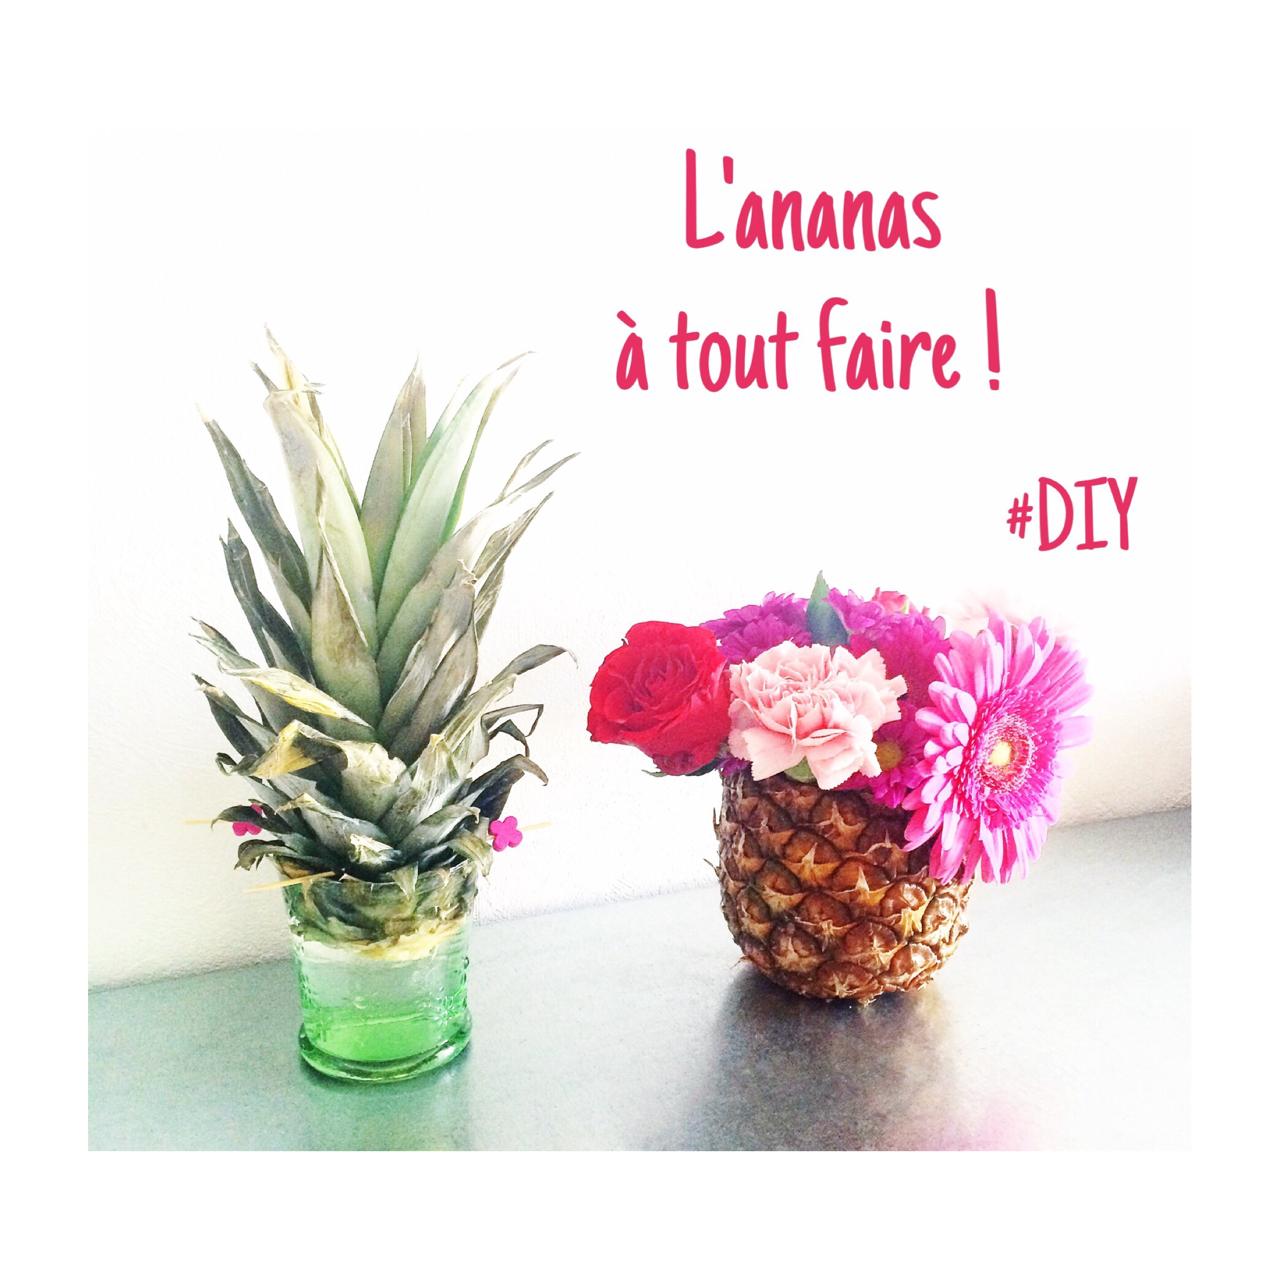 L'ananas à tout faire #DIY